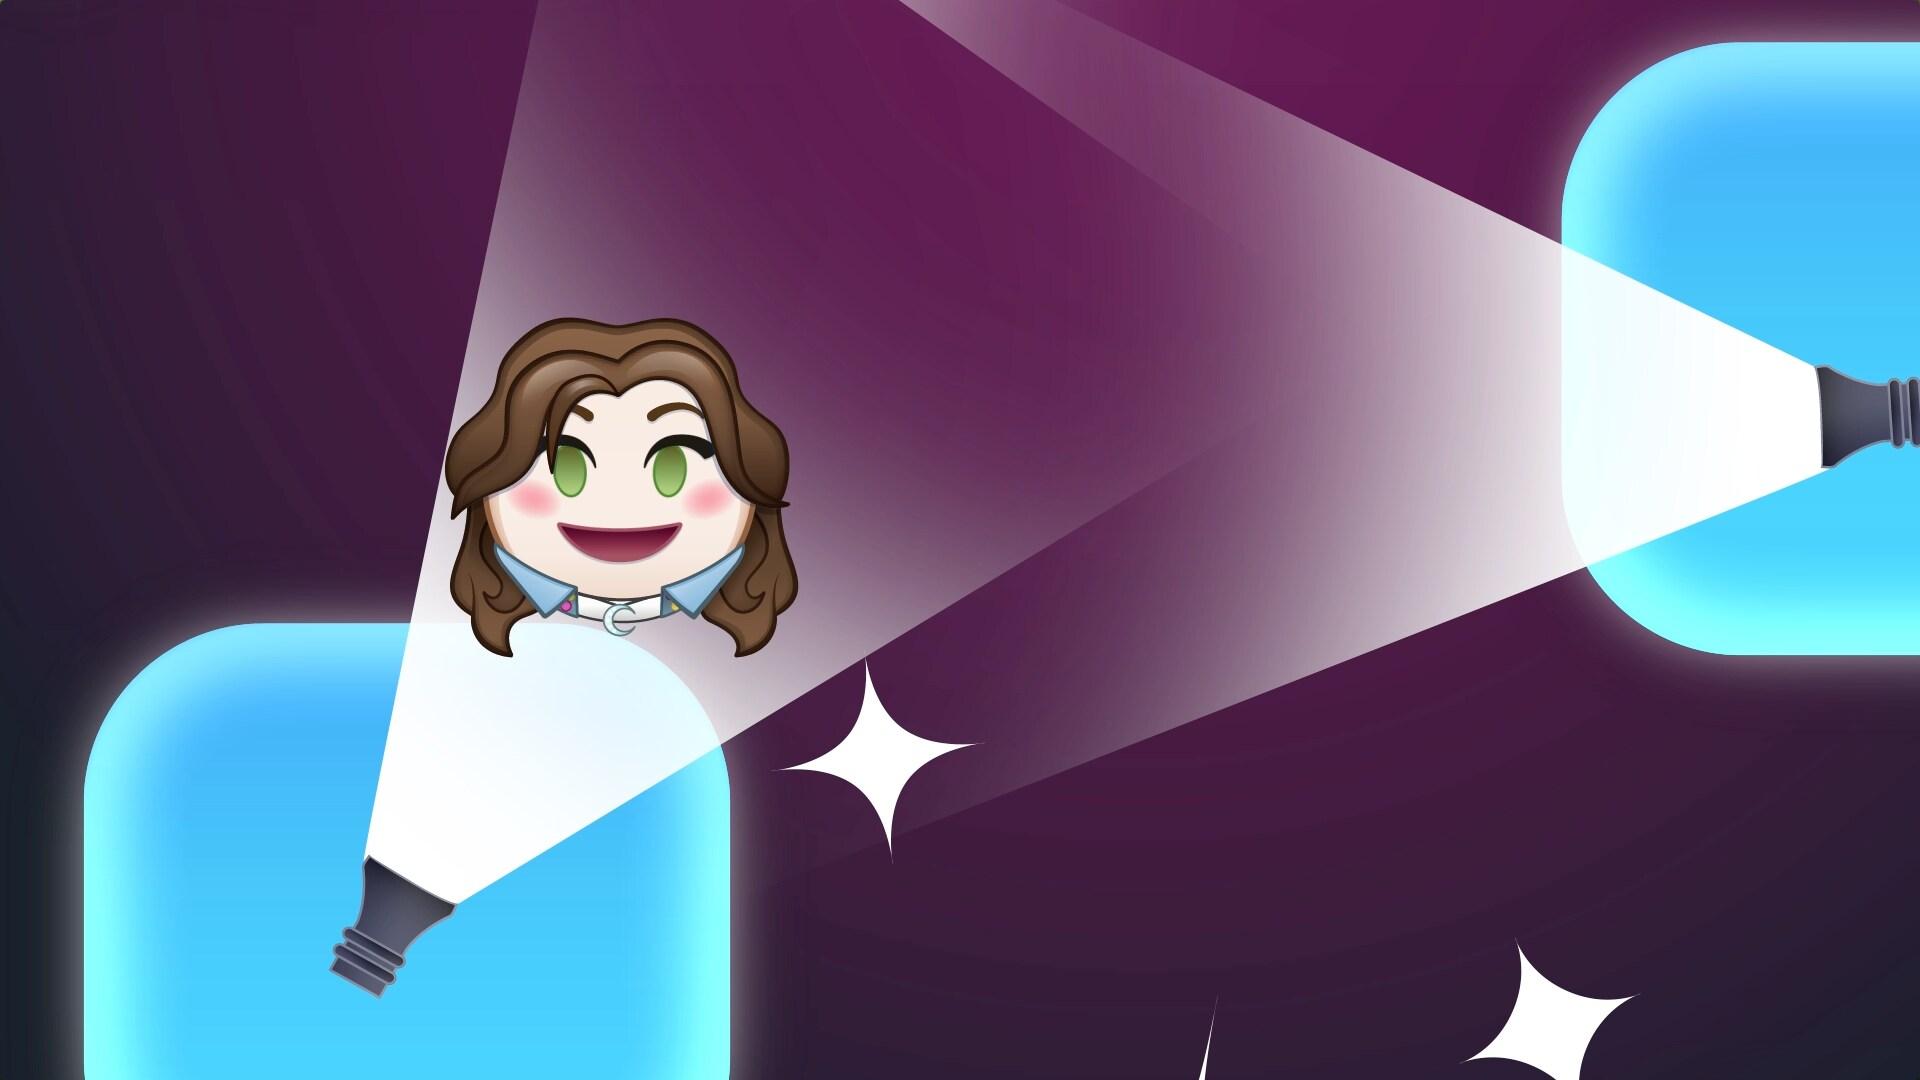 Sou Luna contada por emojis